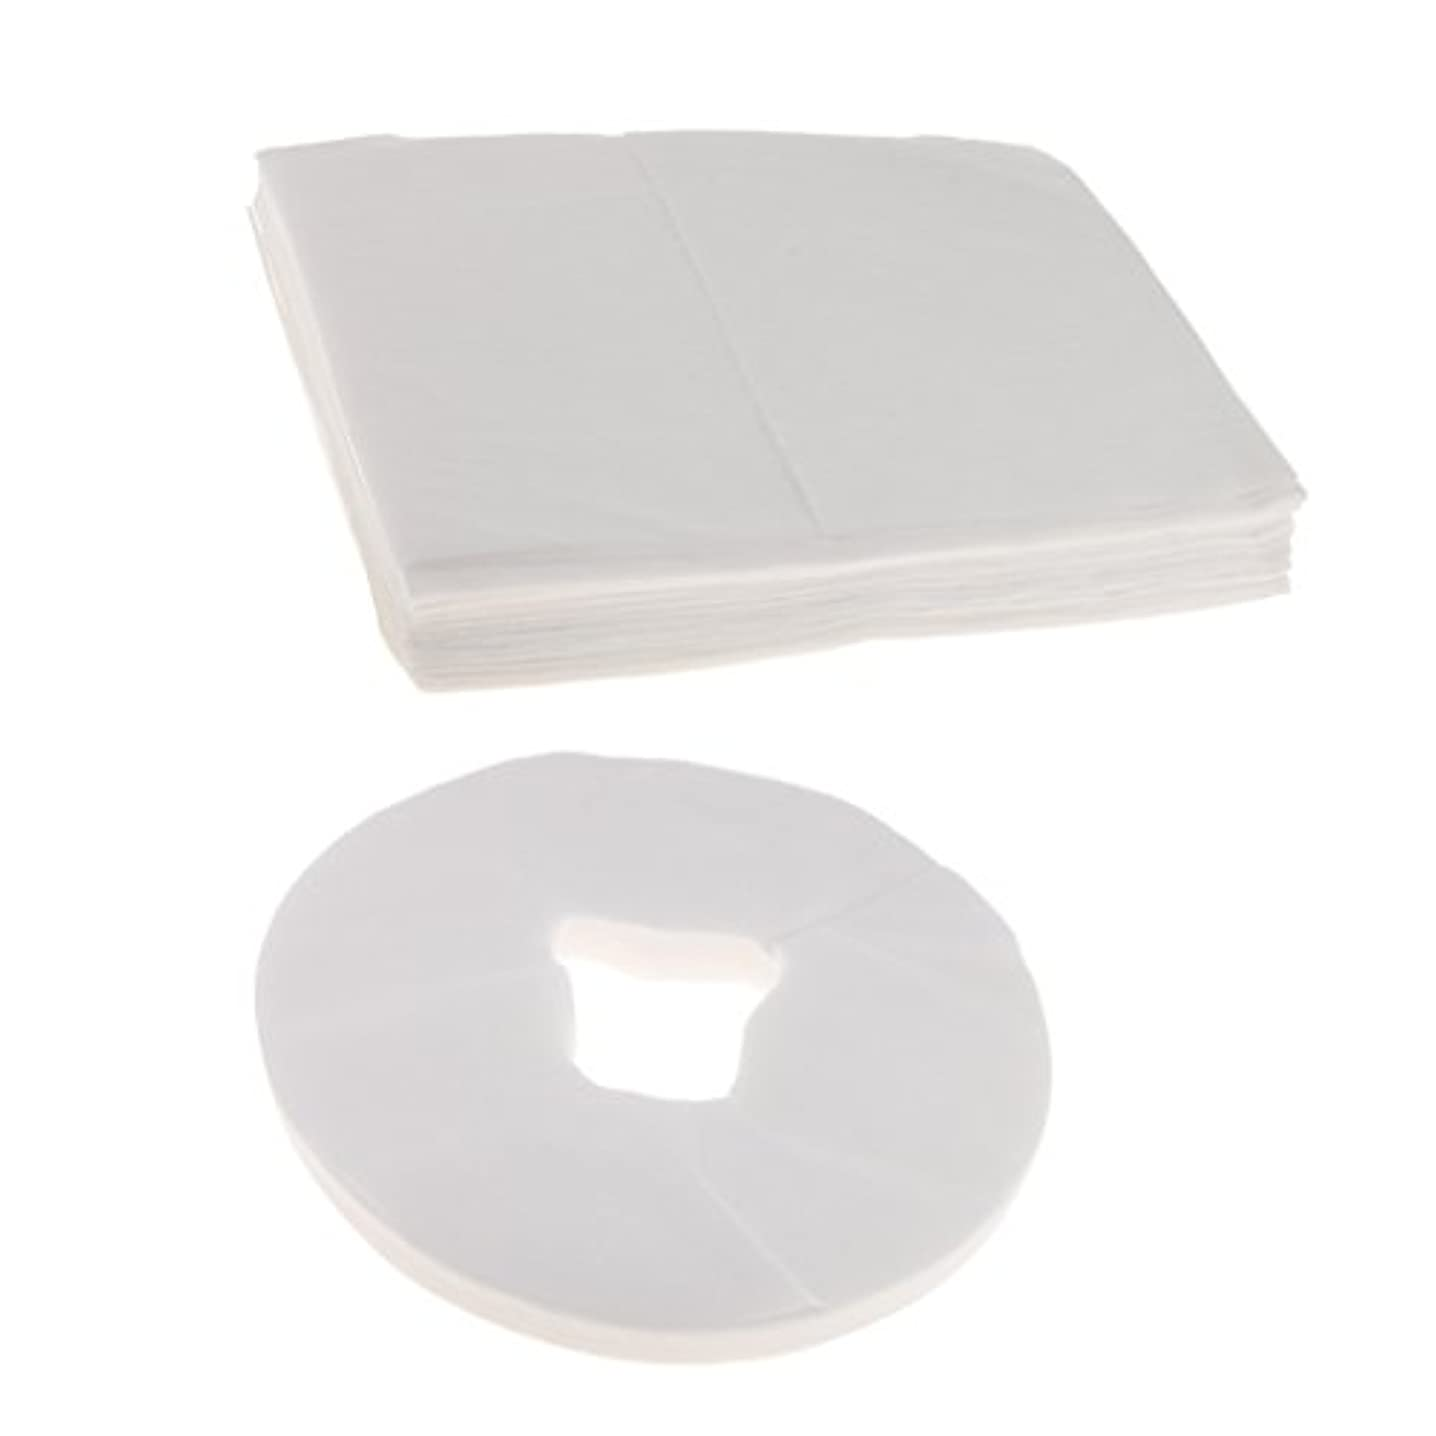 ライド中央値指紋100ホワイト使い捨てマッサージテーブルフェイスクレードルクッションカバー+10ベッドシーツ